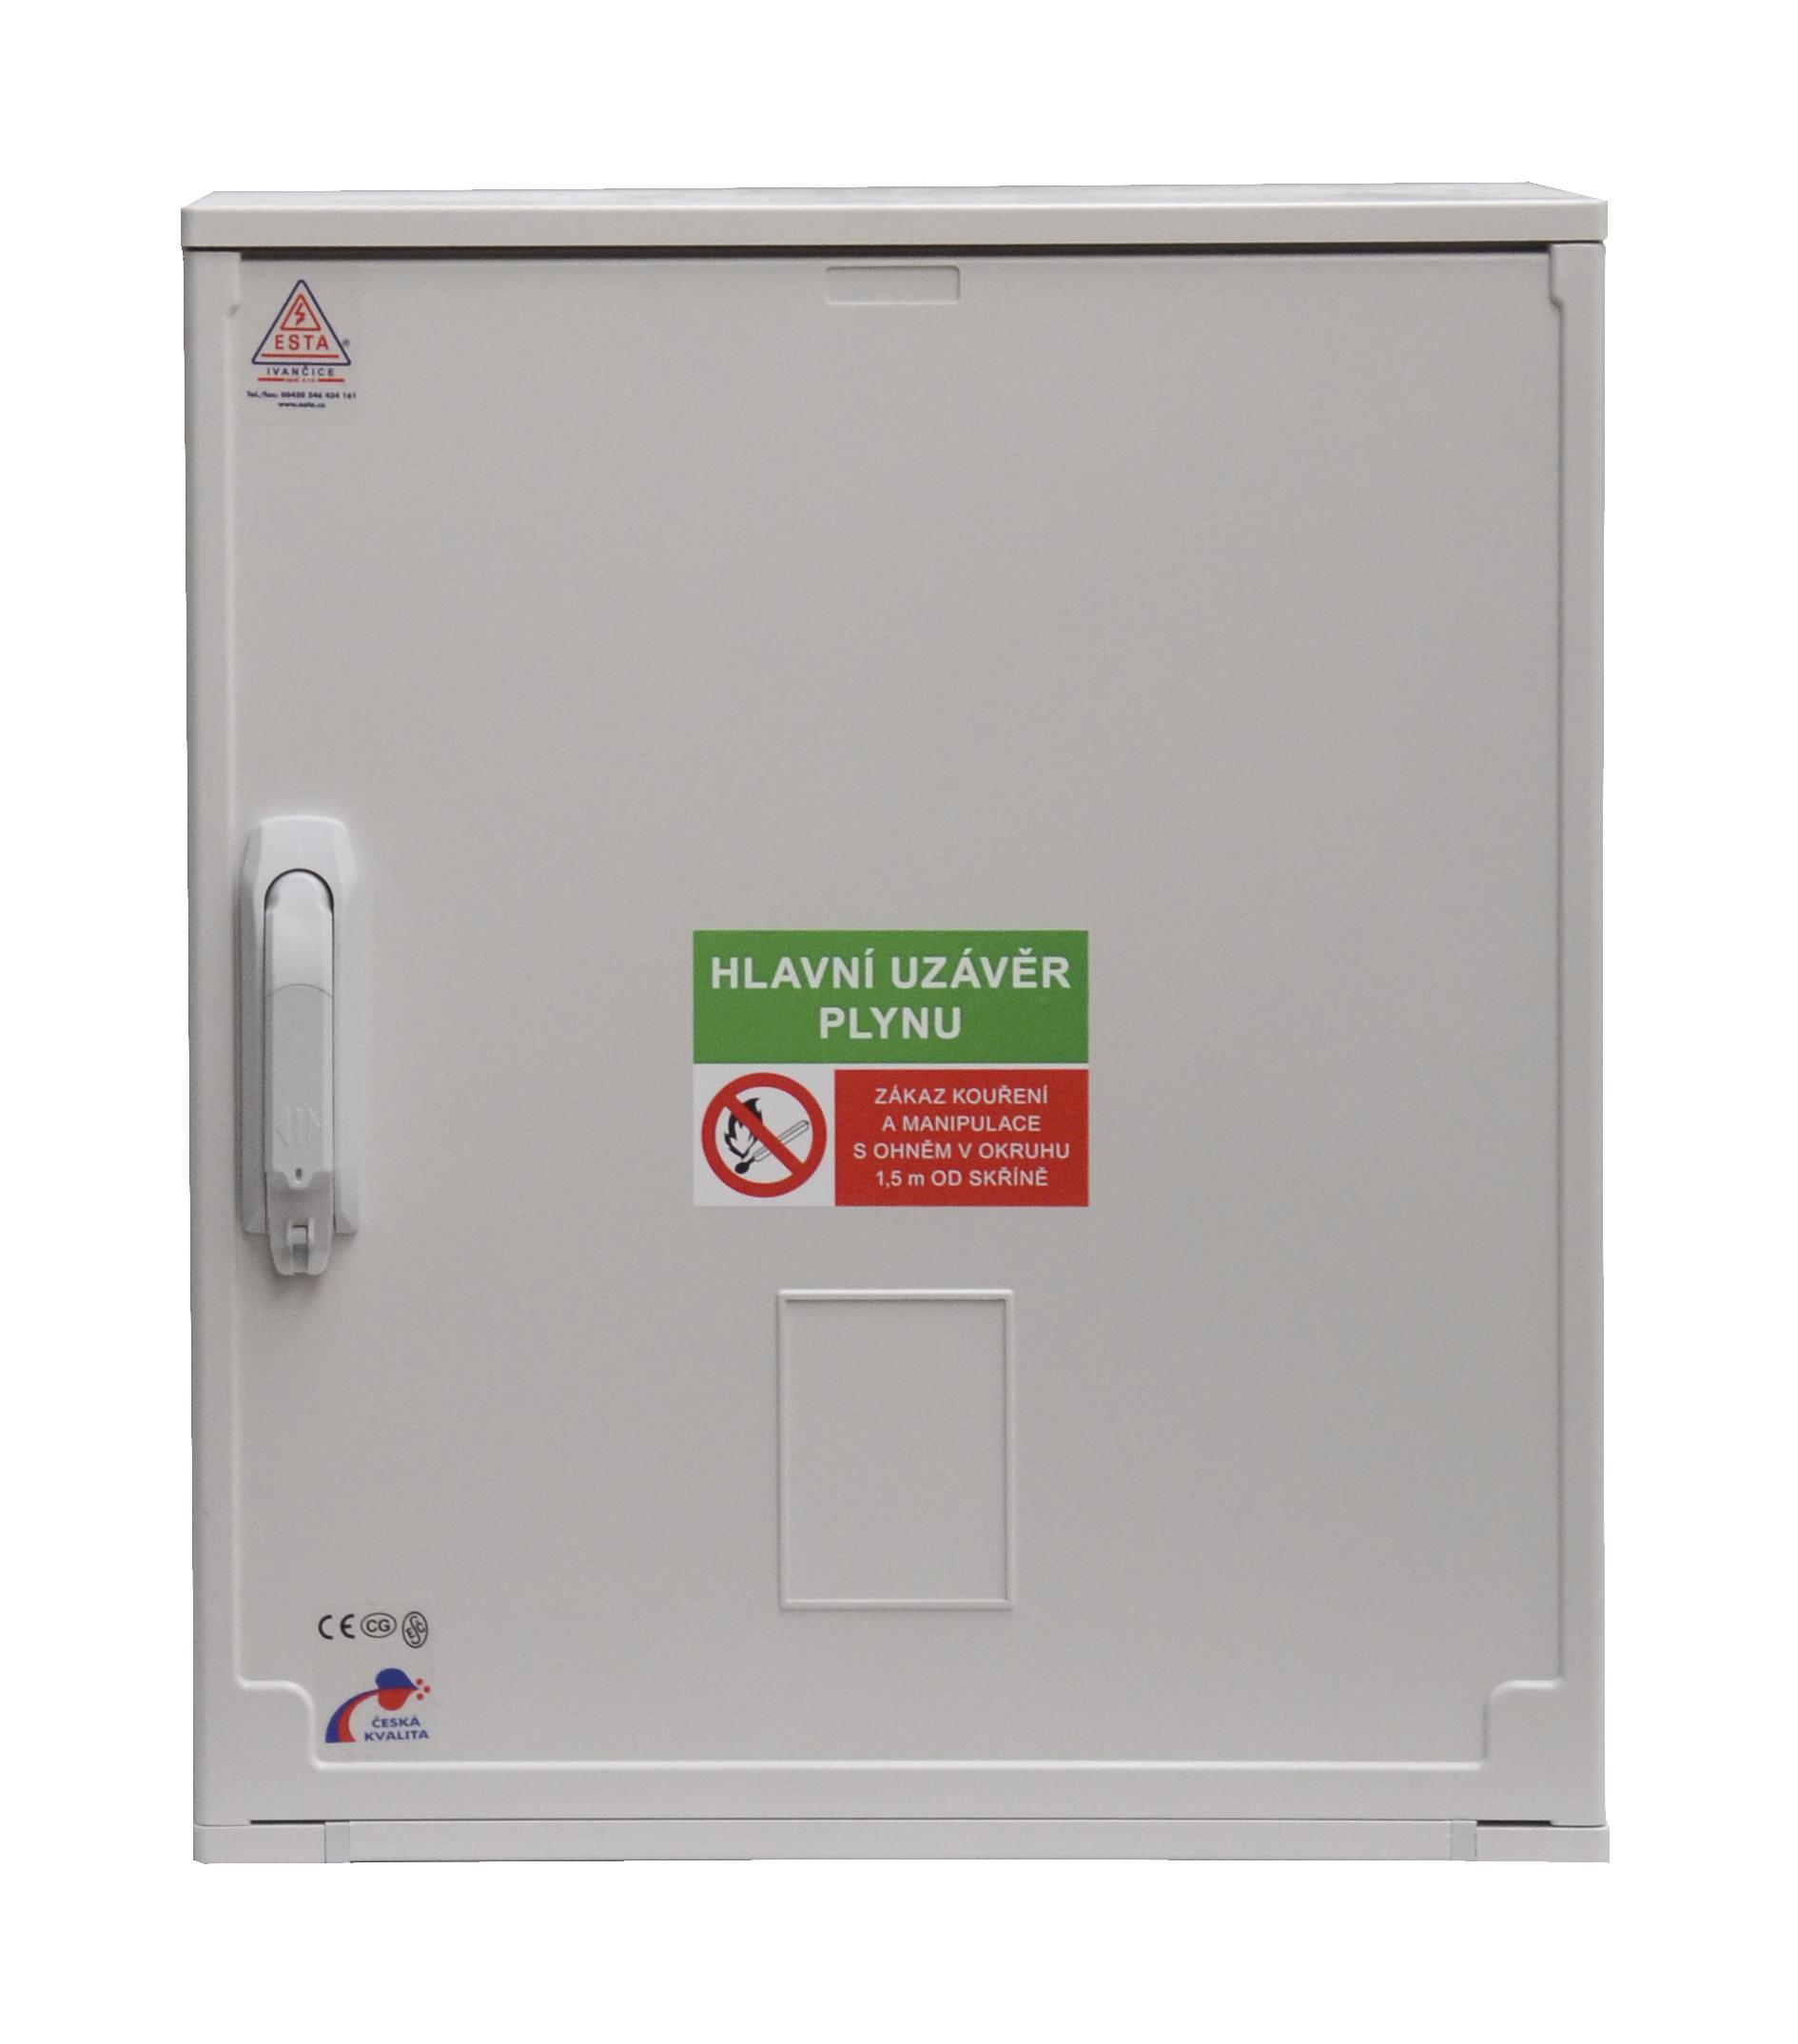 Plynoměrové plastové HUP skříně pro připojení hlavního uzávěru plynu, plynoměru a regulátoru tlaku